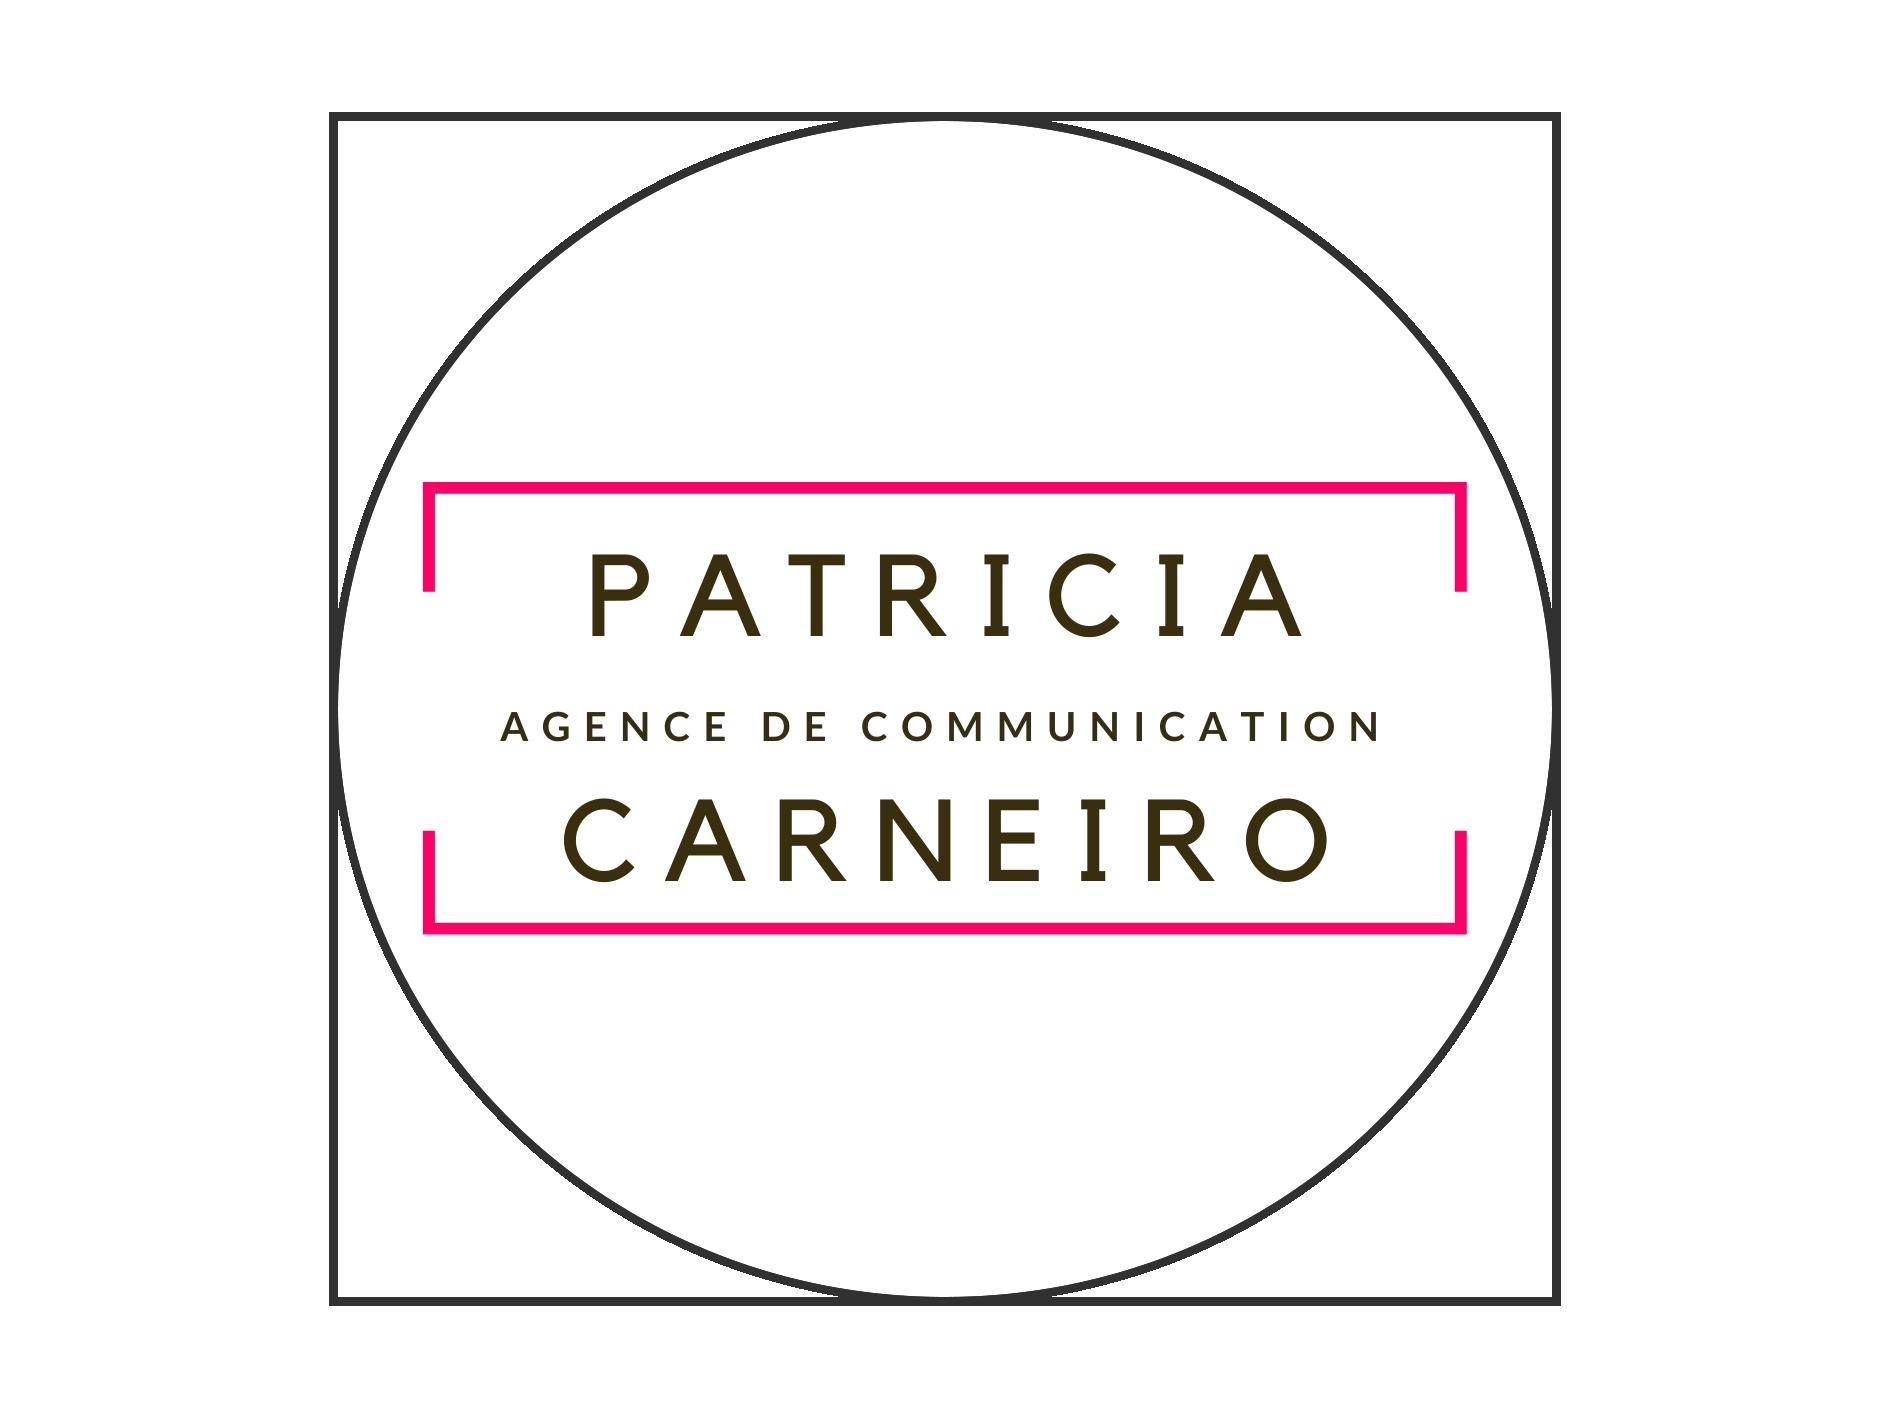 Agence de communication Patricia Carneiro